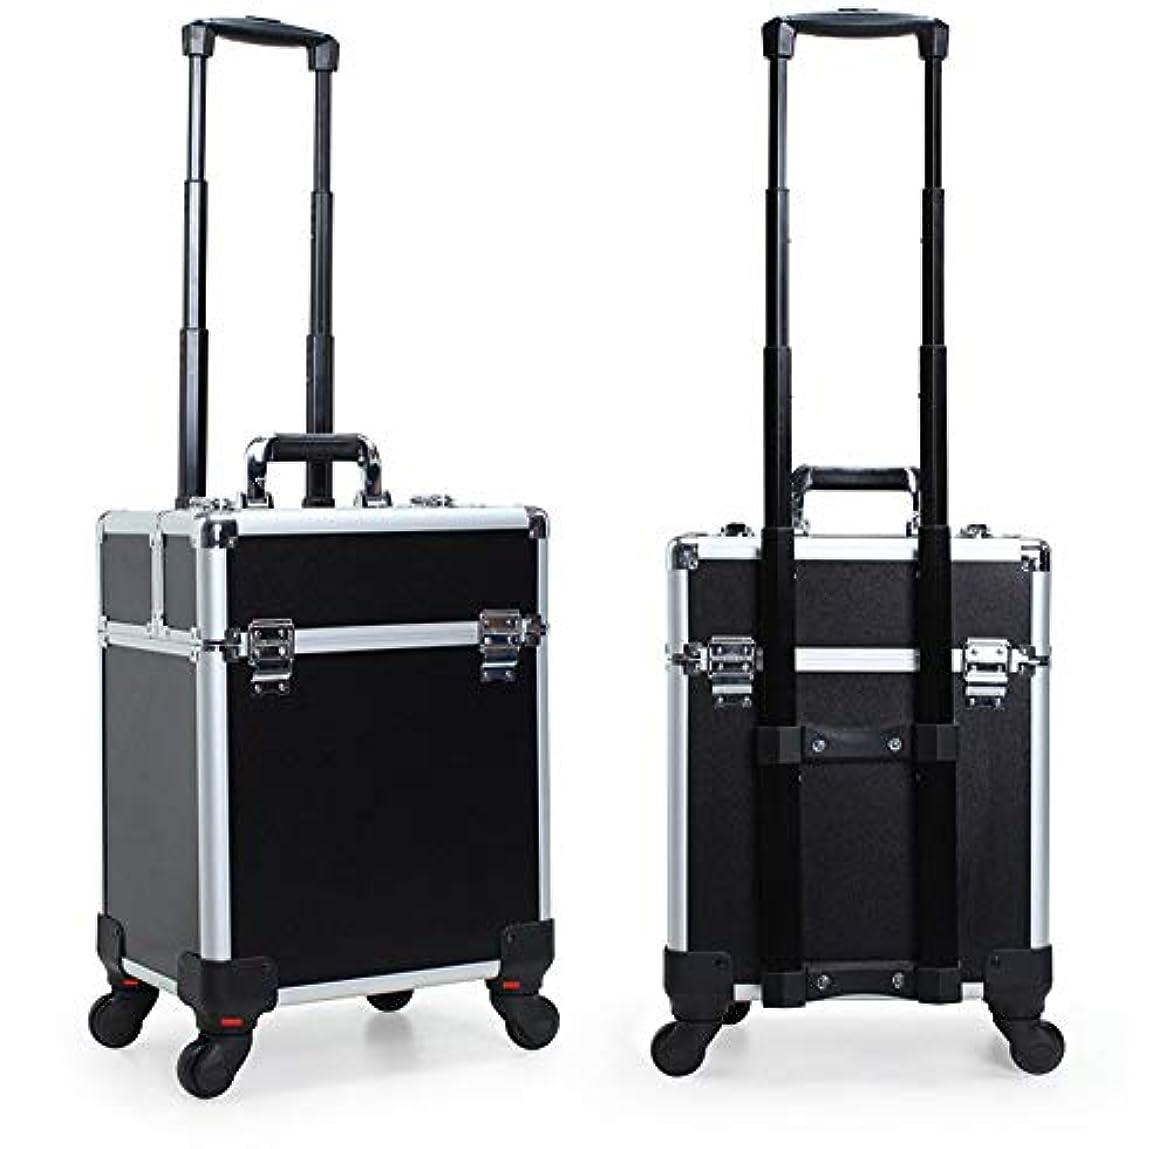 七面鳥自伝スパイラルGOGOS コスメボックス 大容量 プロ仕様 メイクボックス スーツケース型 化粧品収納ボックス 4輪 キャスター付き アルミ製 出張 携帯 便利